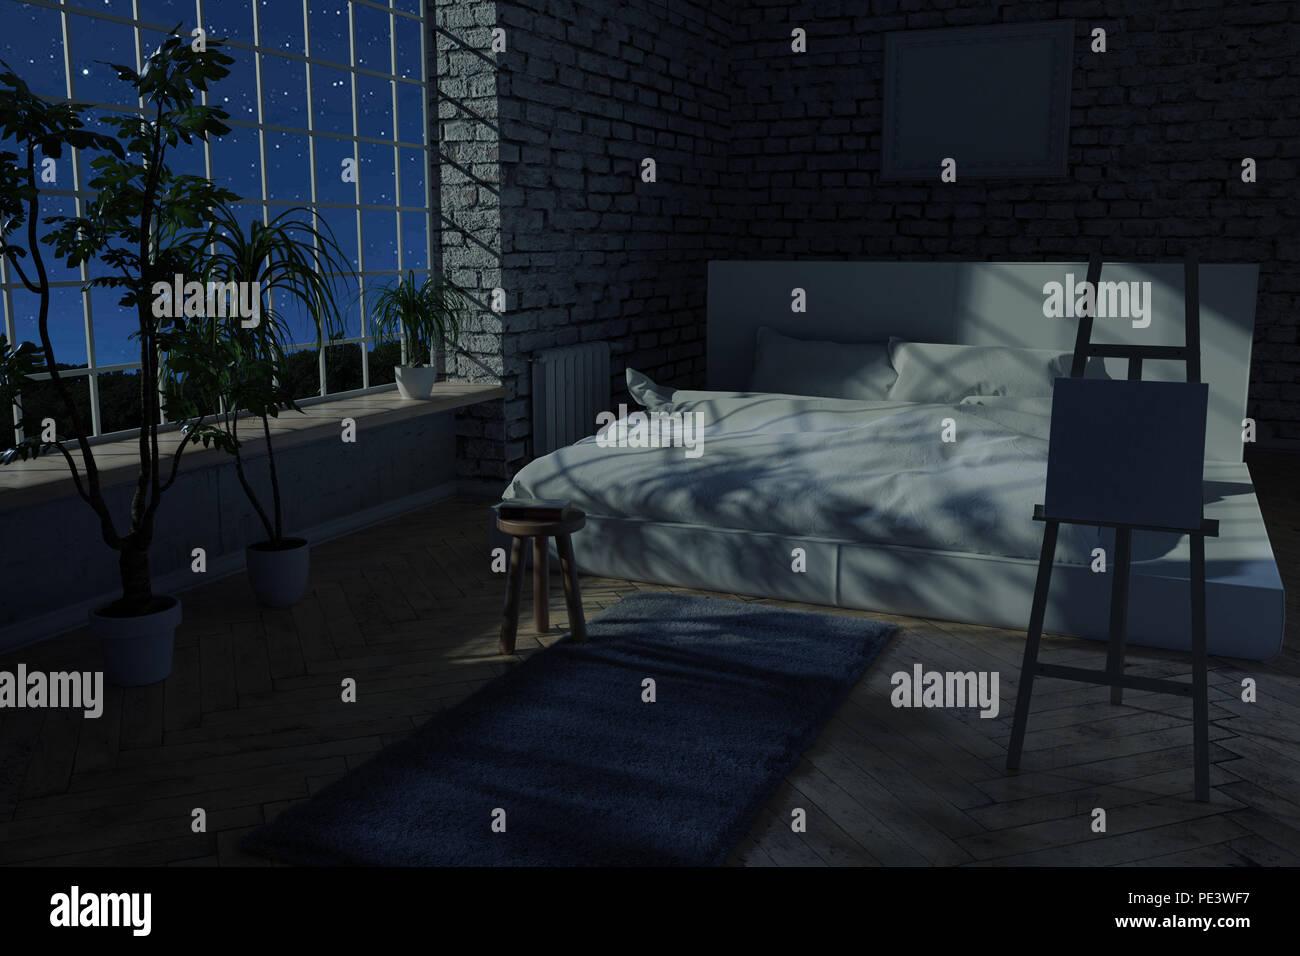 3D Rendering Von Schlafzimmer Mit Weißen Steine Wand  Und Parkettboden In  Der Nacht